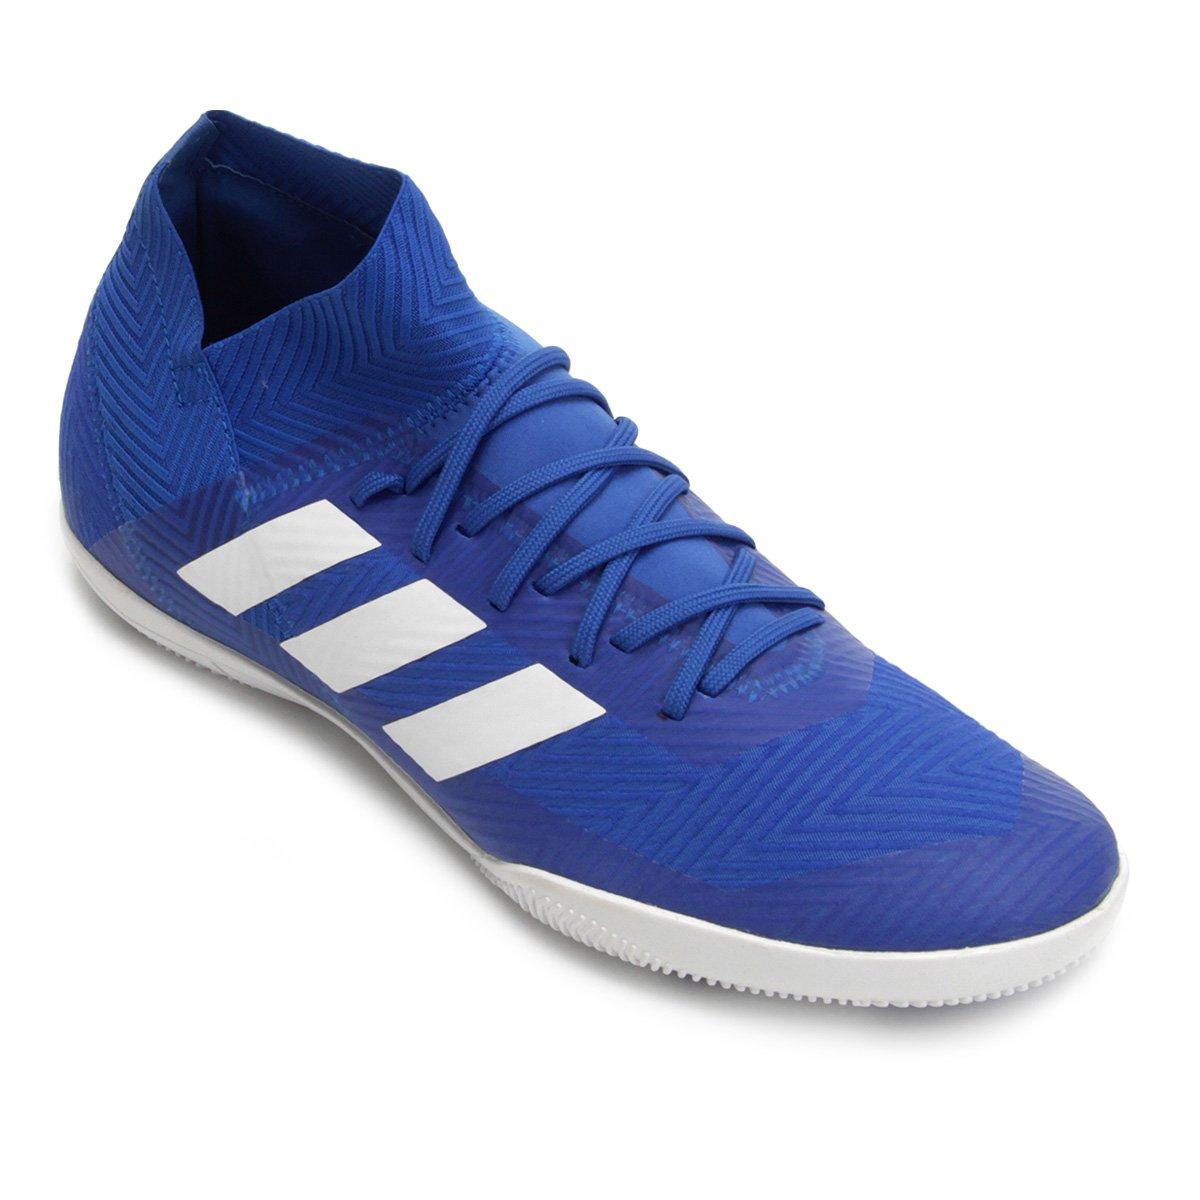 386131b47361 Chuteira Futsal Adidas Nemeziz Tango 18 3 IN - Azul e Branco - Compre Agora